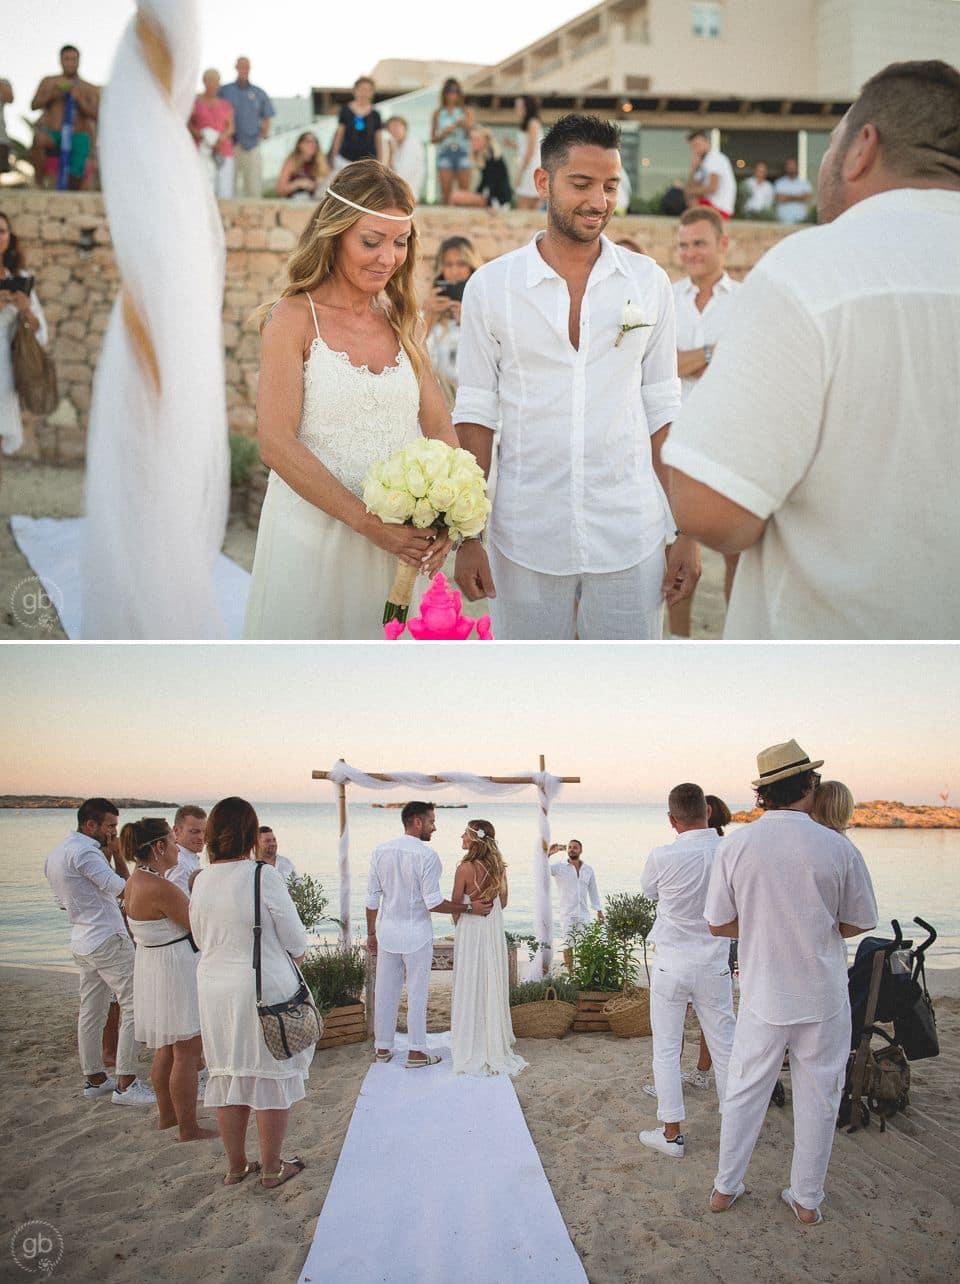 Matrimonio In Spiaggia Dove : Matrimonio in spiaggia a formentera